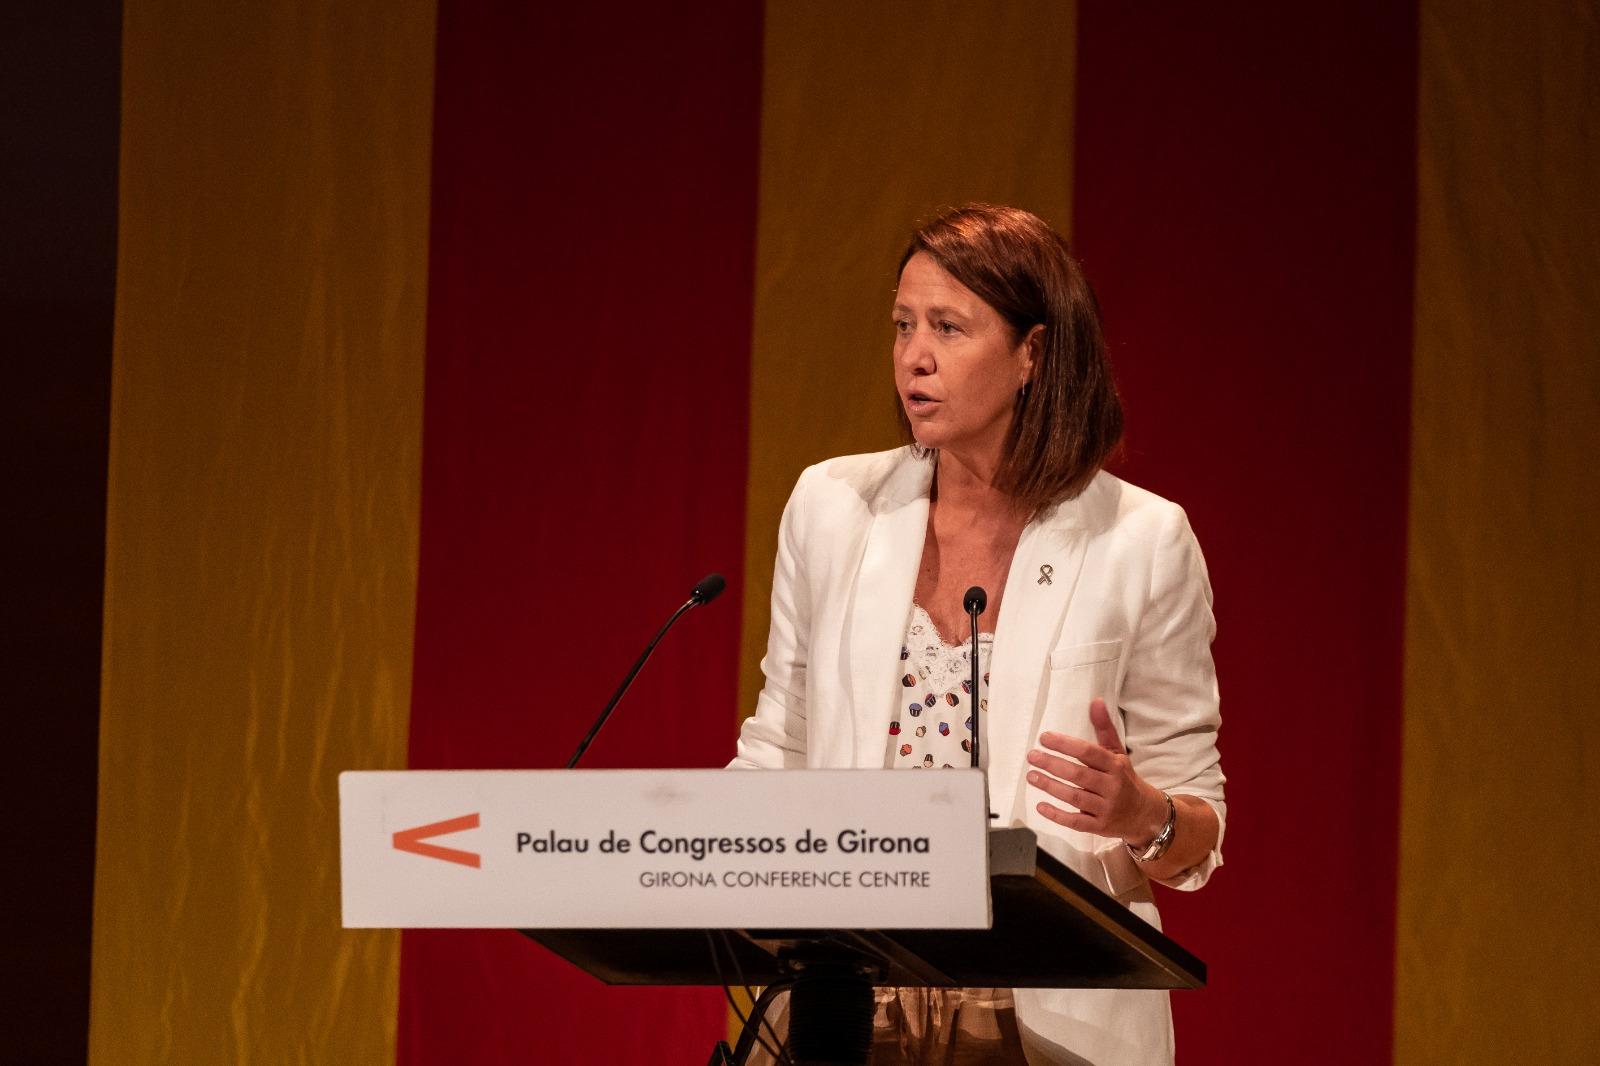 L'alcaldessa de Girona participa al lliurament dels Premis Literaris de Girona.